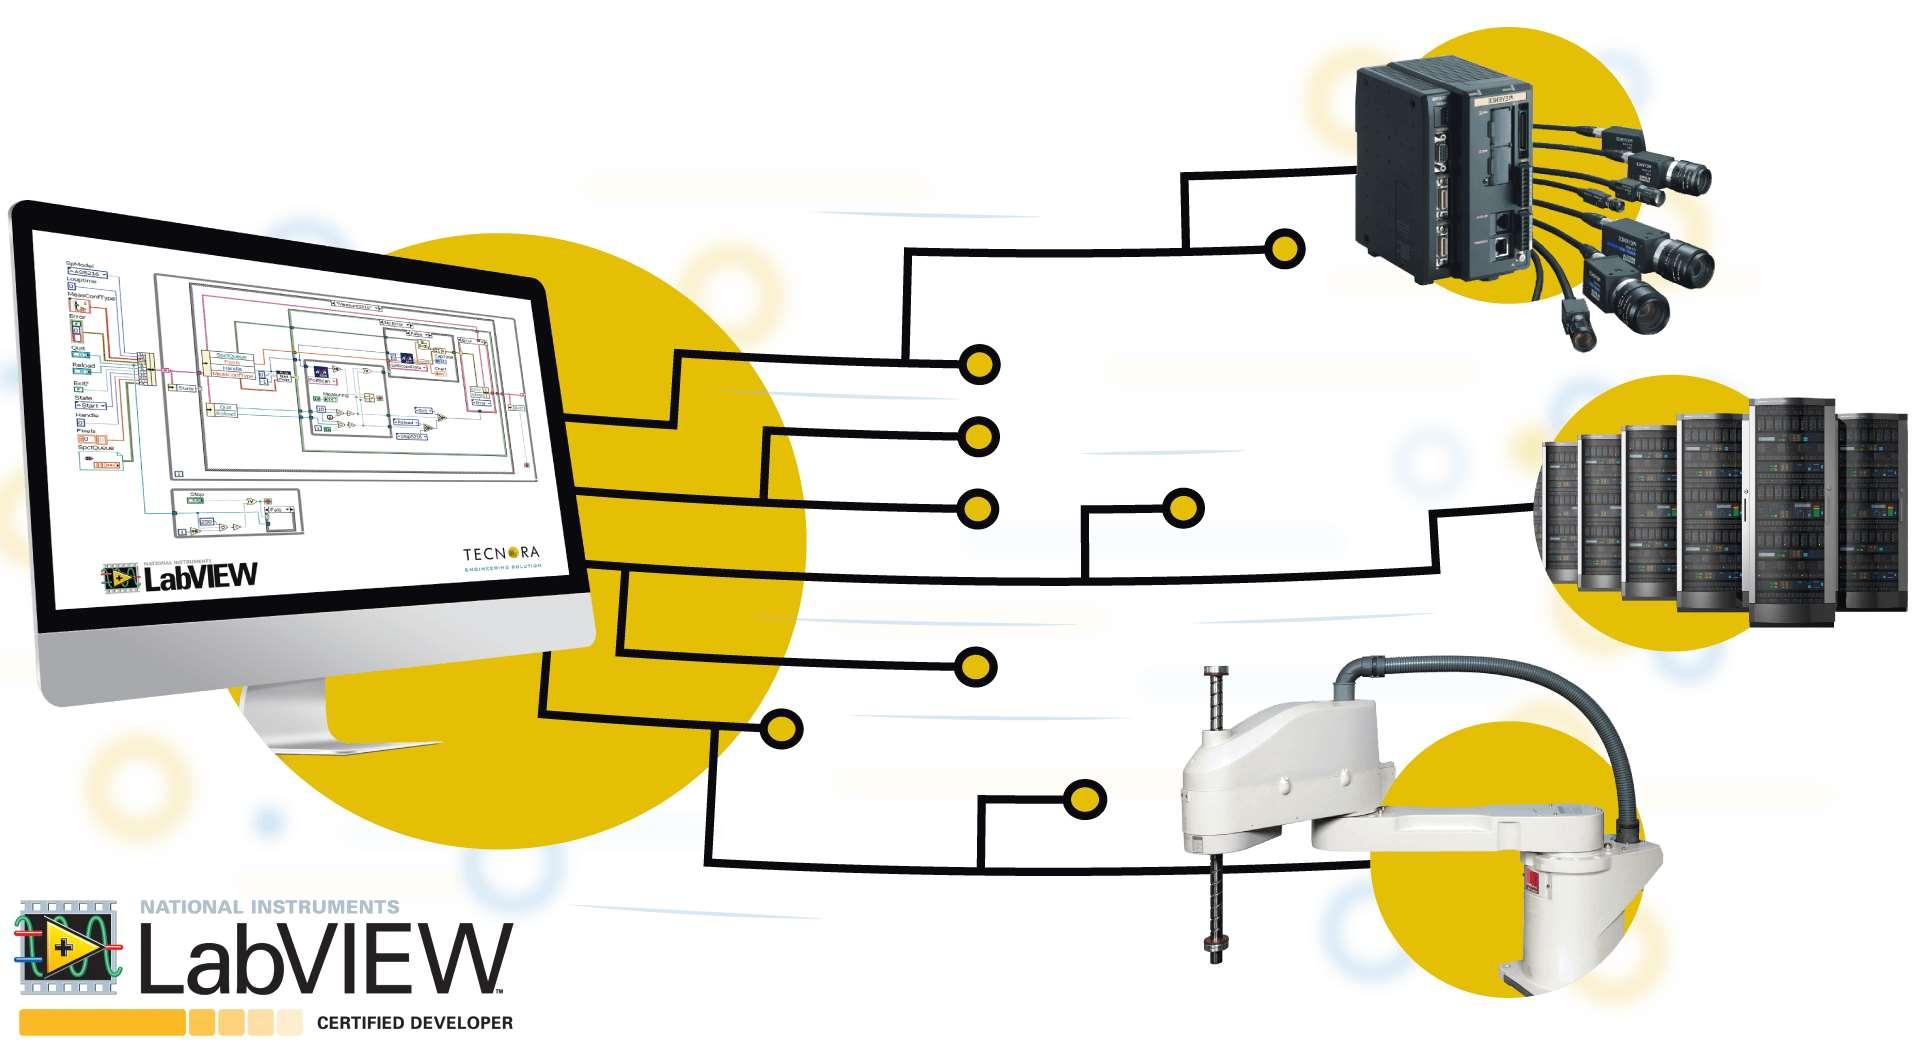 Tecnora consulenza sviluppo Labview certificato automazione industriale visione ICT